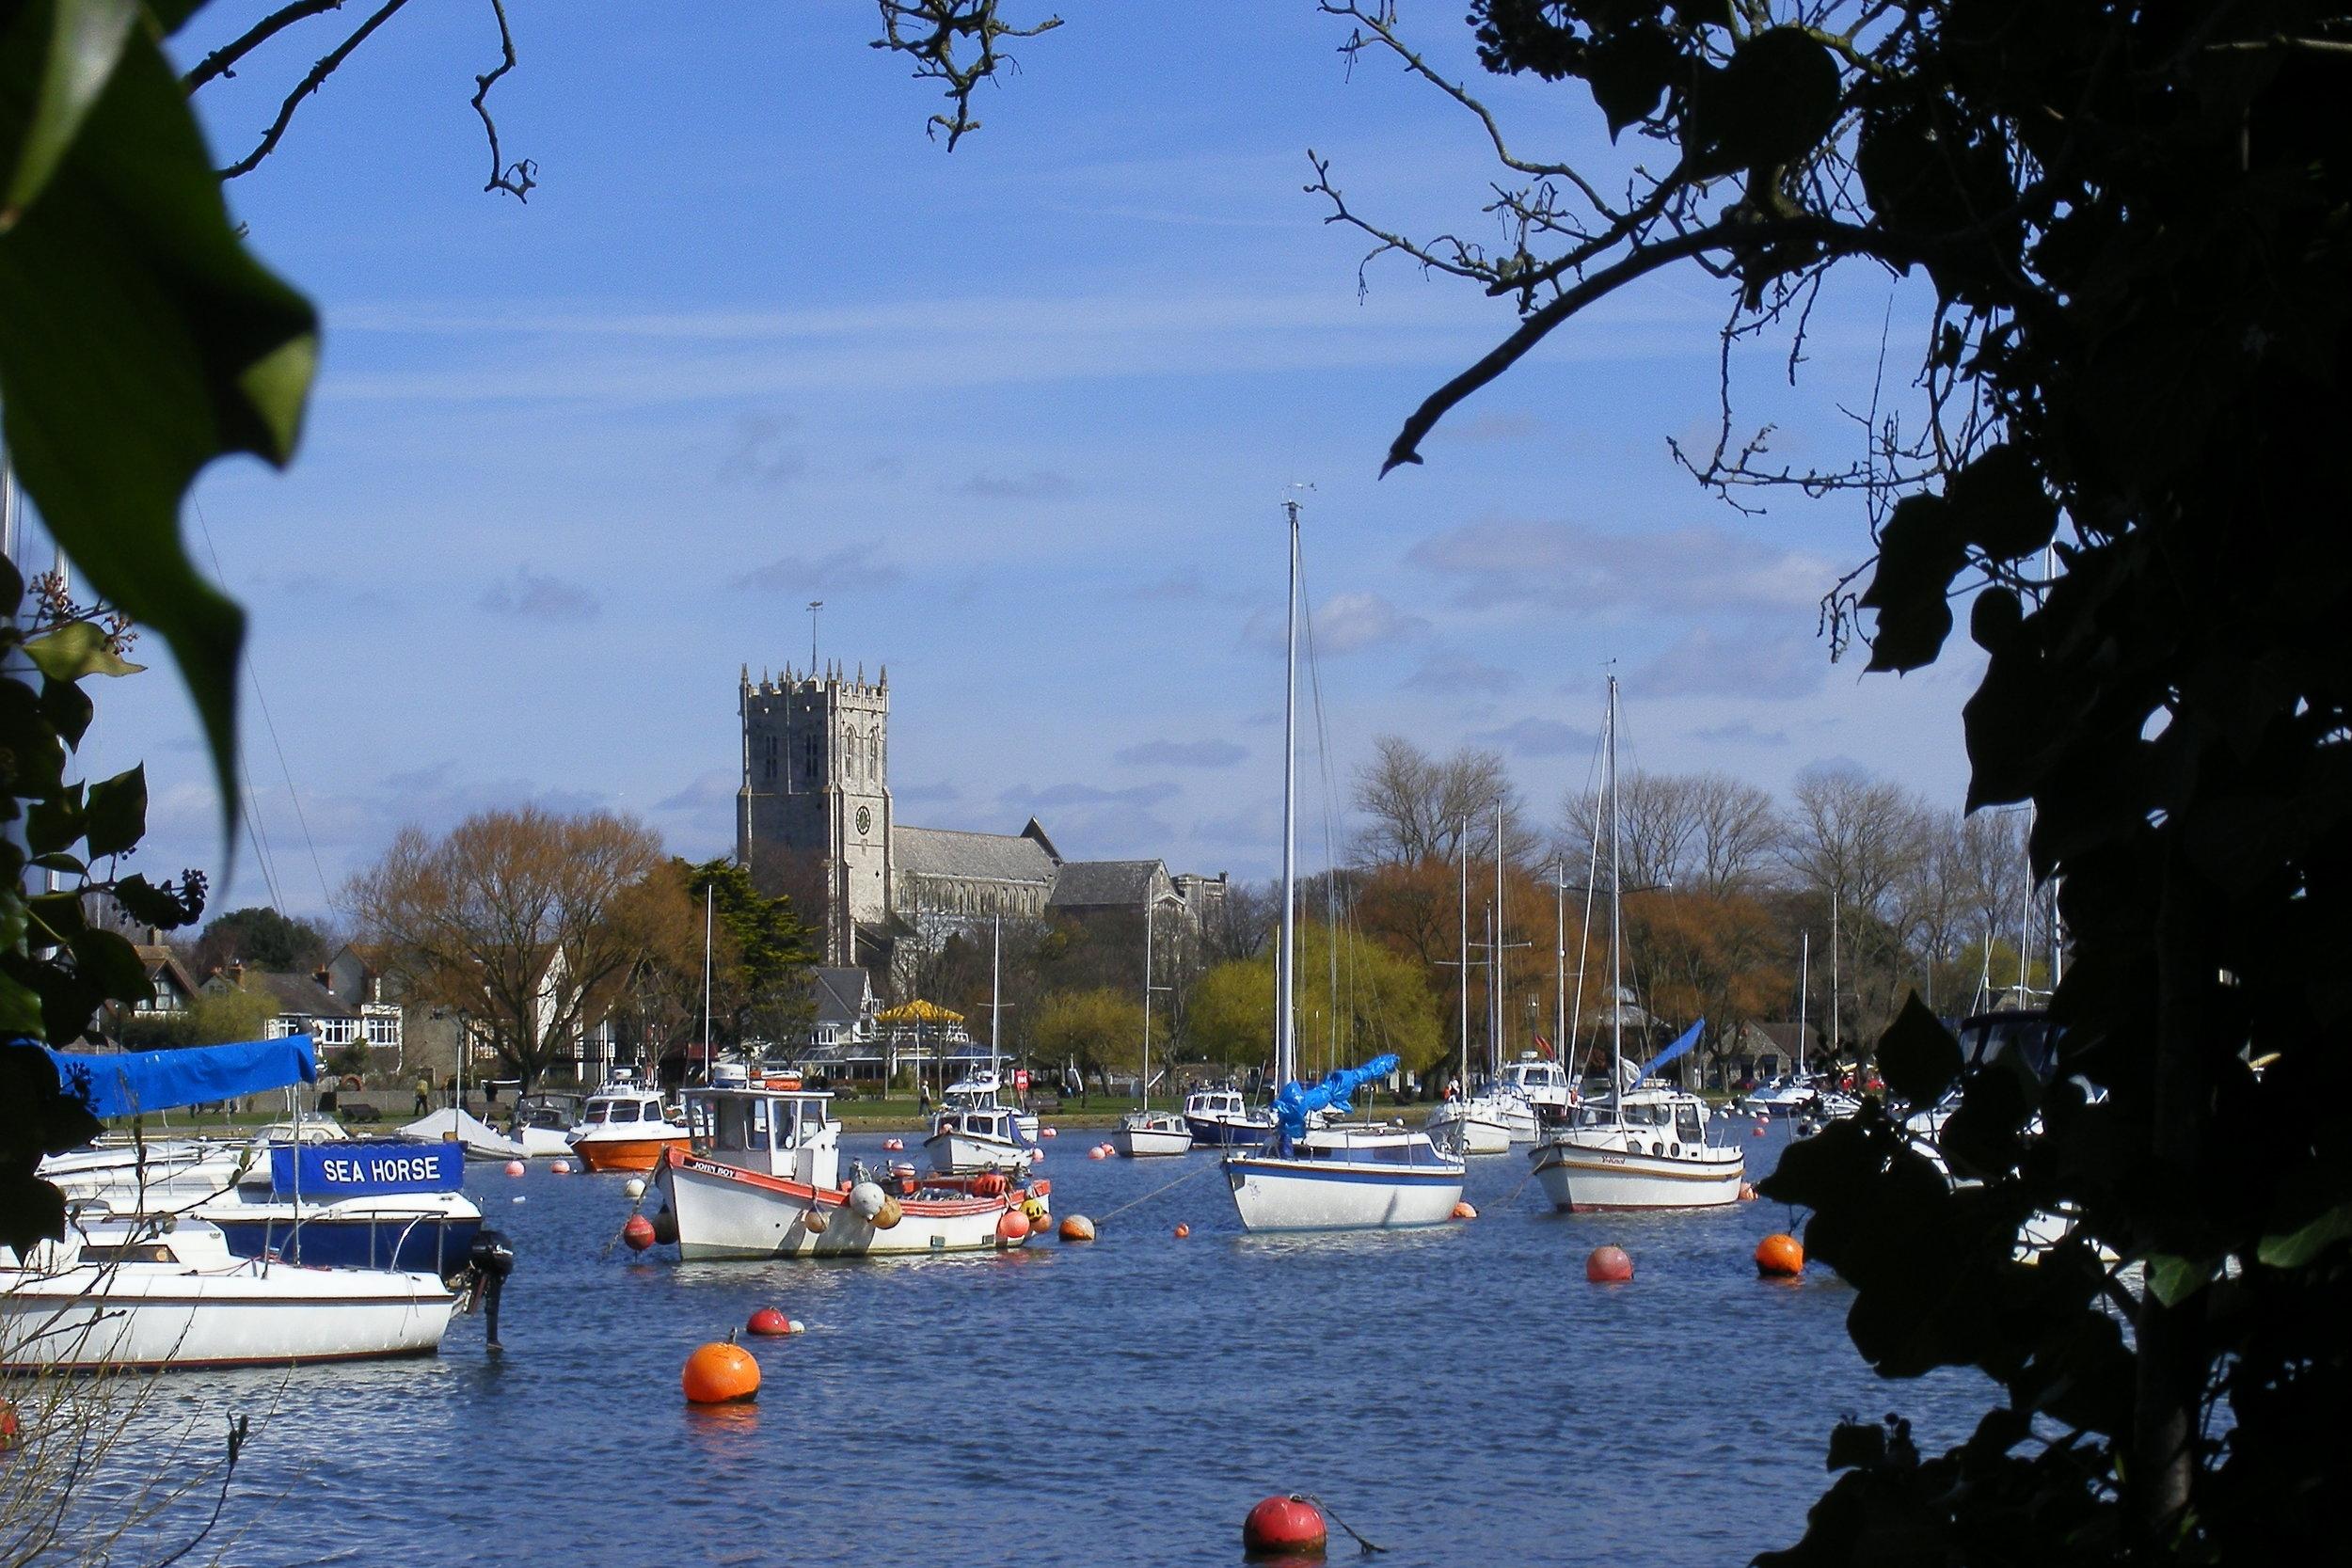 Christchurch_Dorset_01.jpg